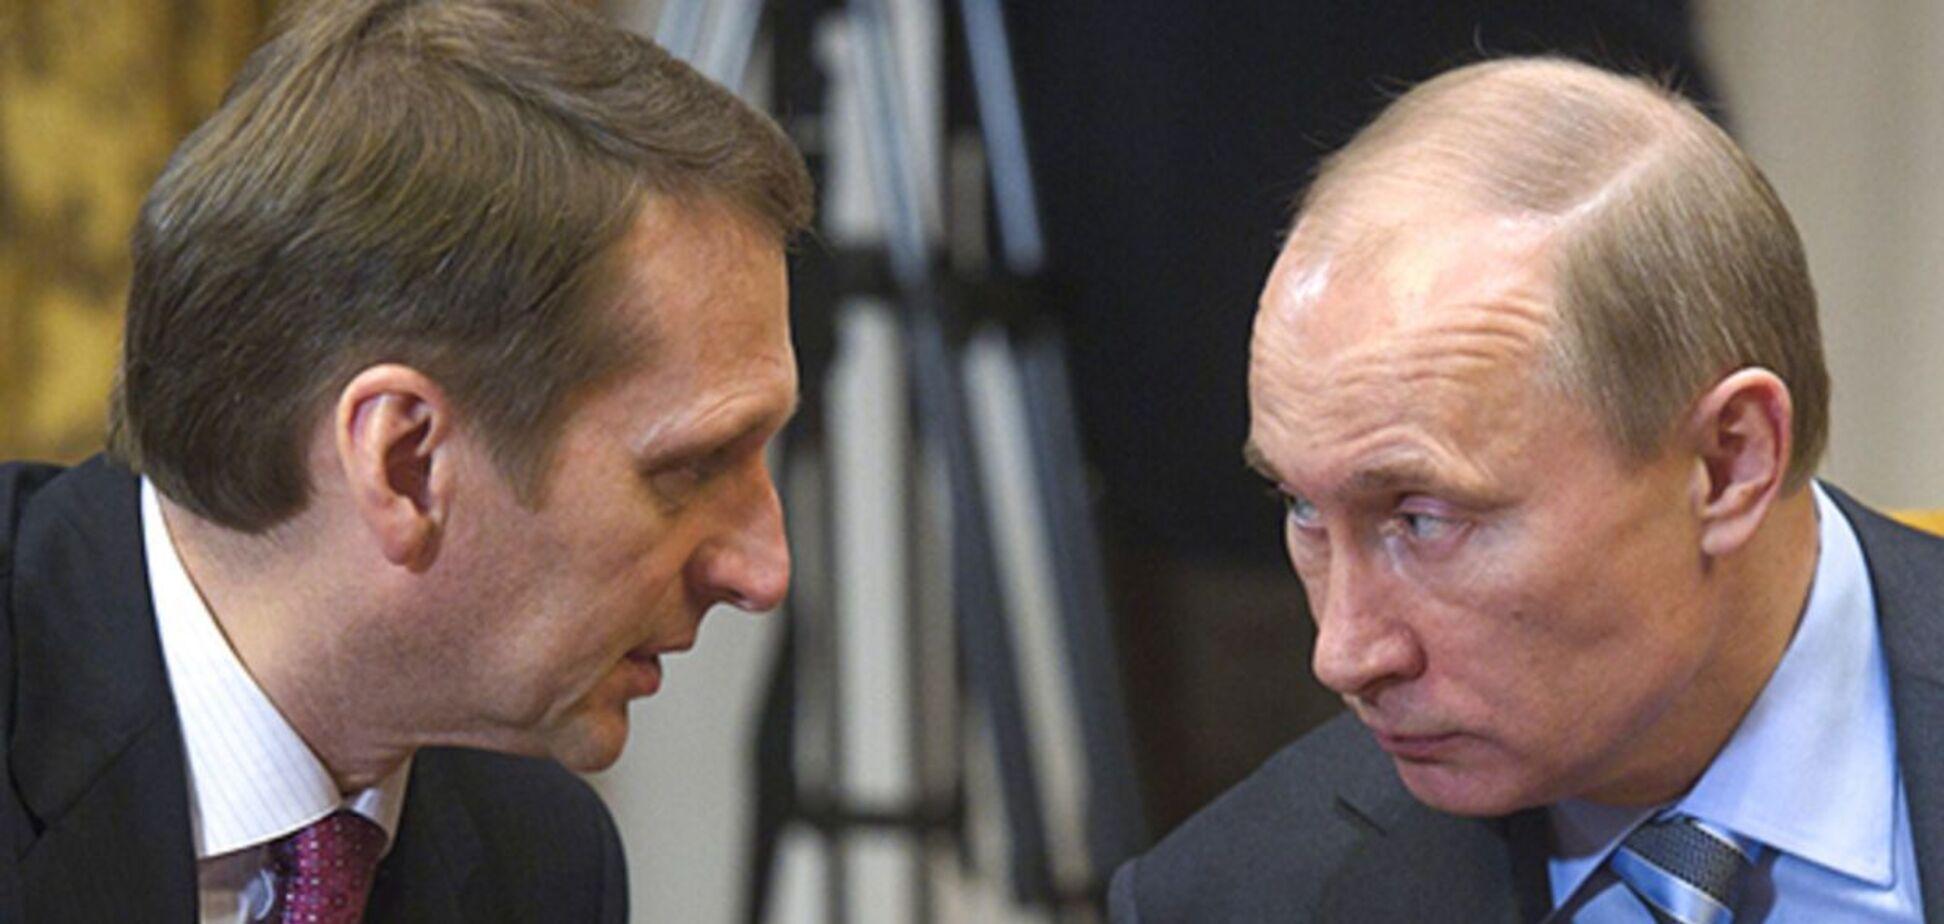 Конспирология вместо политики. Почему активизировался Нарышкин, который угрожал Украине?